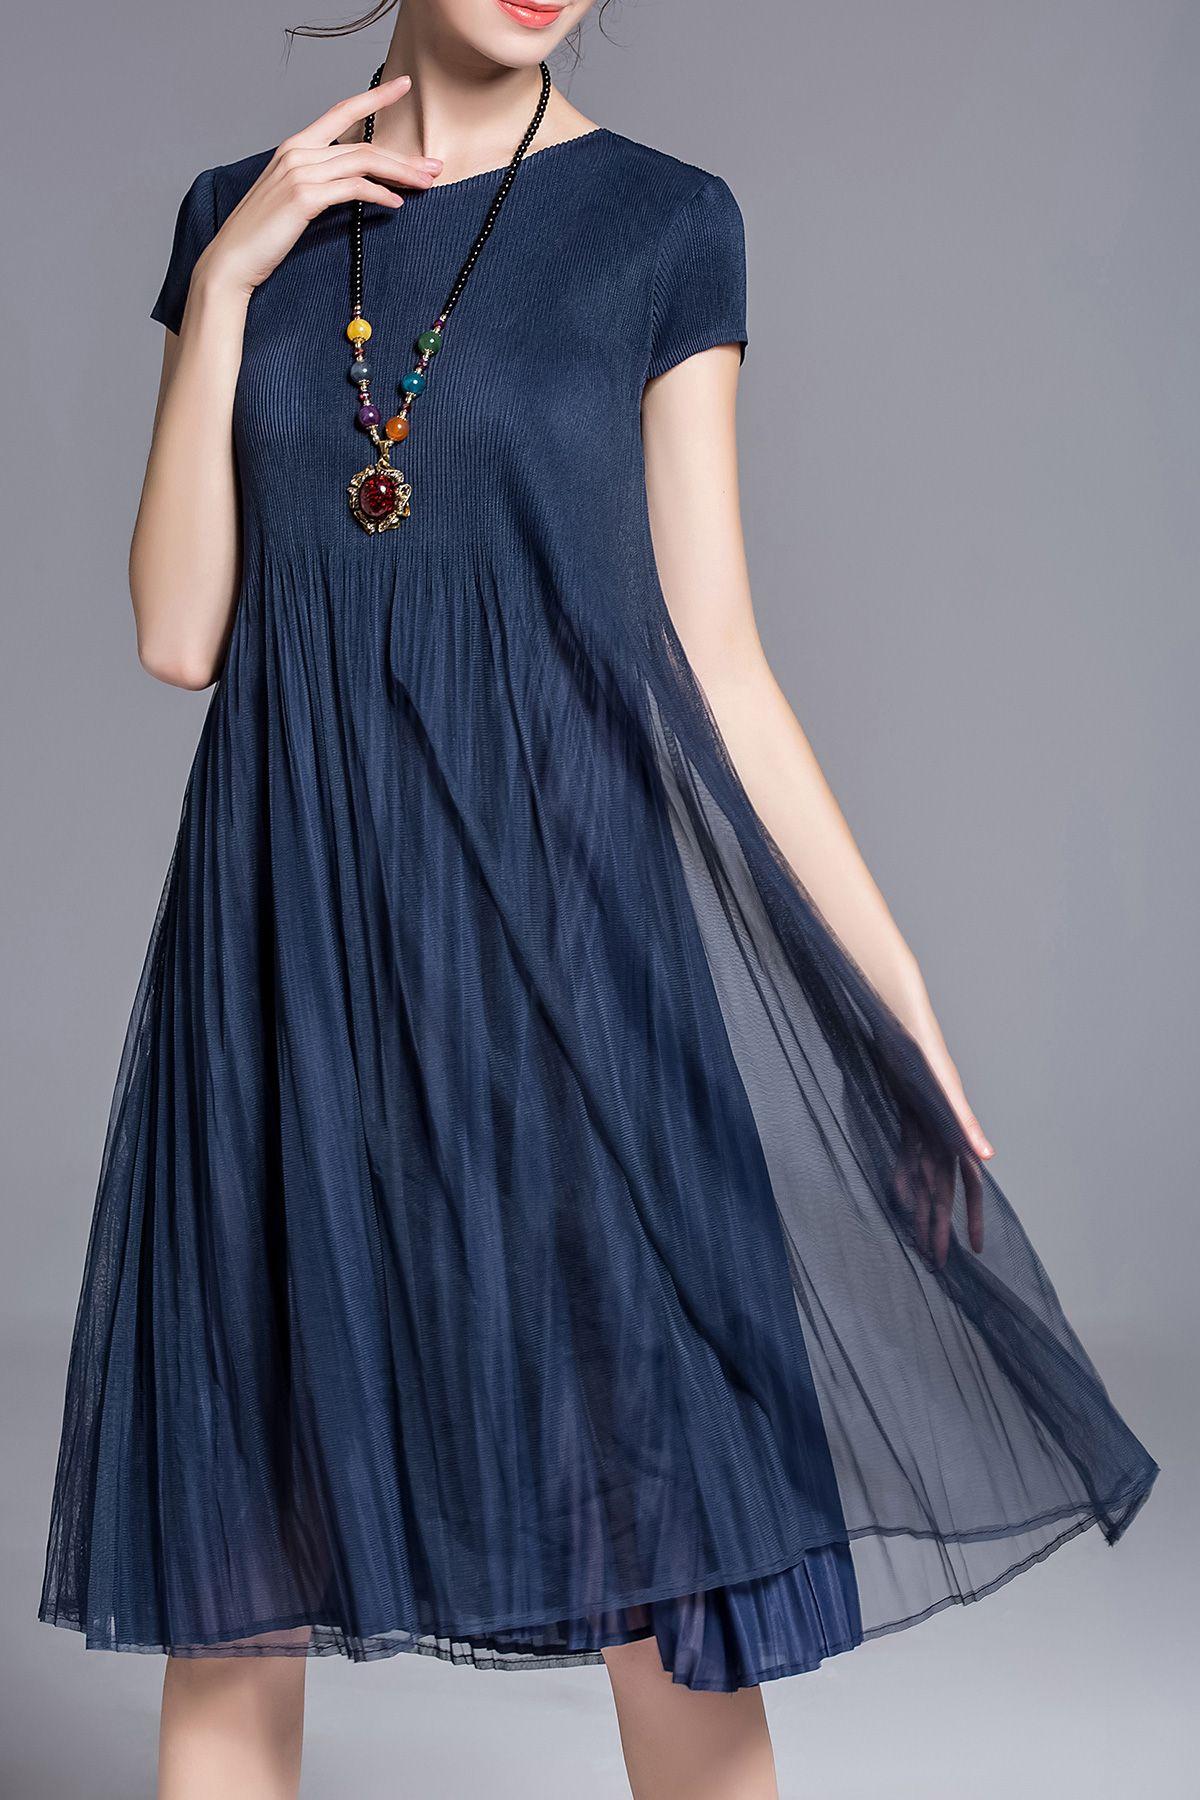 Dantel Tutkusu : Yazlık Zarif Elbise ve Bluzlar